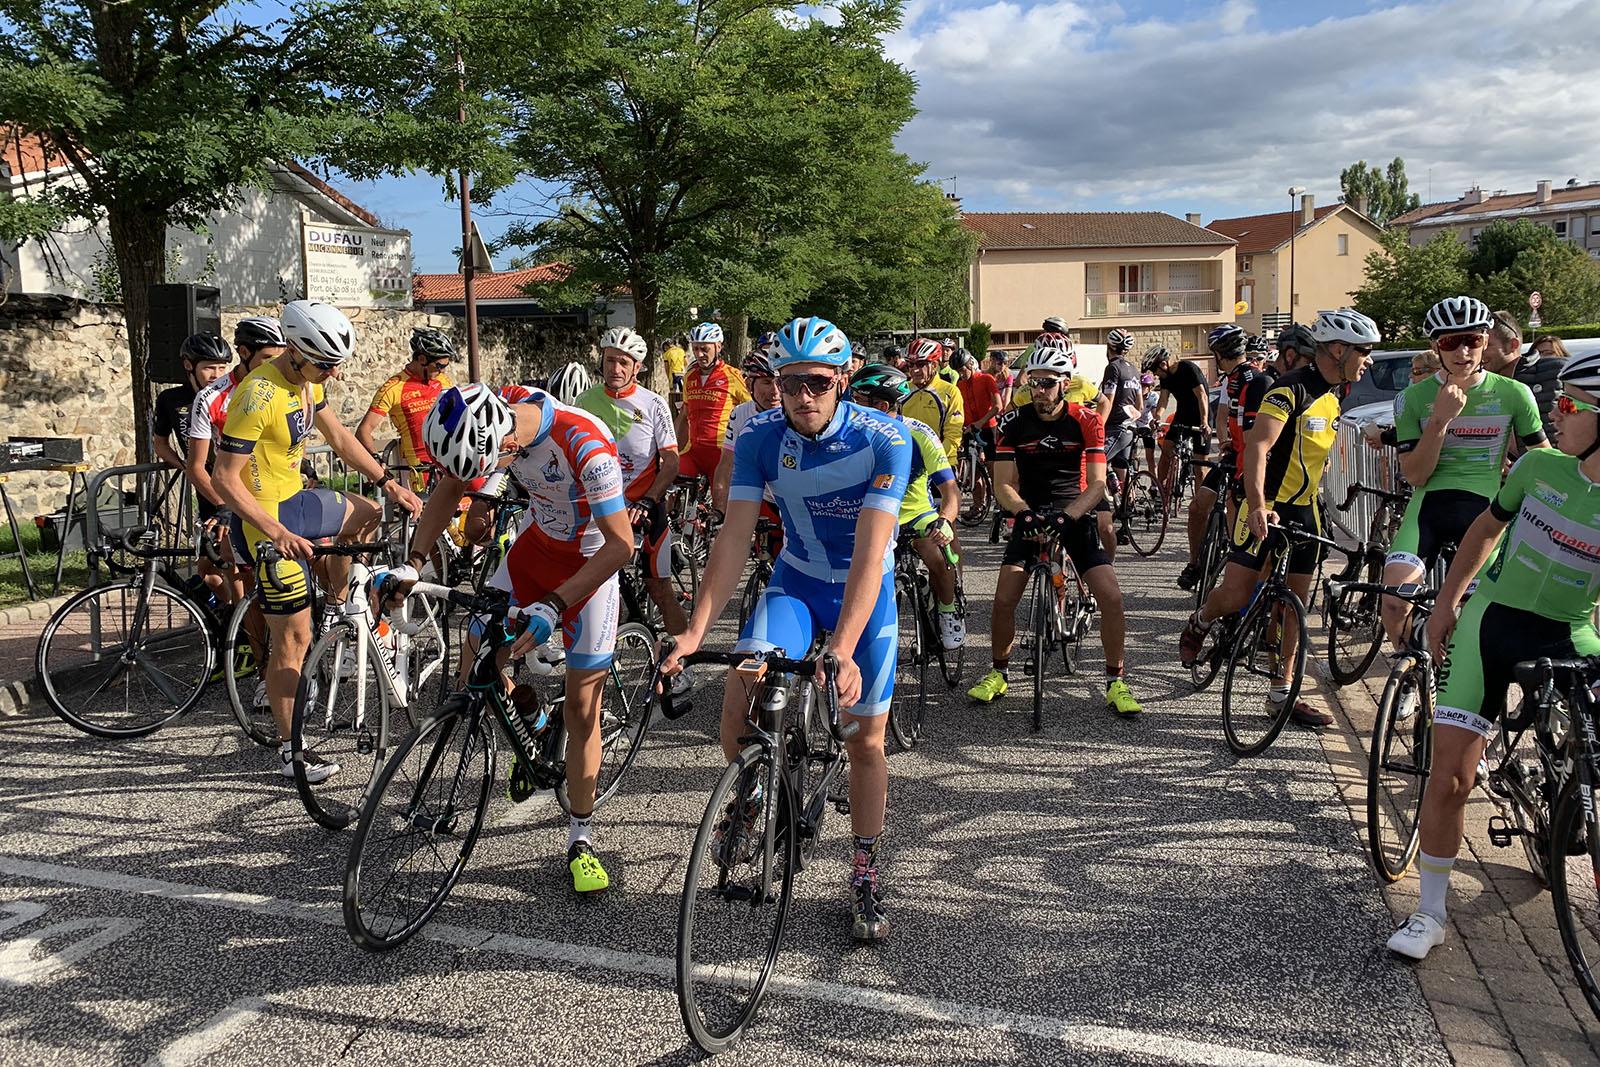 Alors que pour la deuxième année consécutive les épreuves s'annulent les unes après les autres, une véritable crise s'annonce dans le monde du cyclosport.